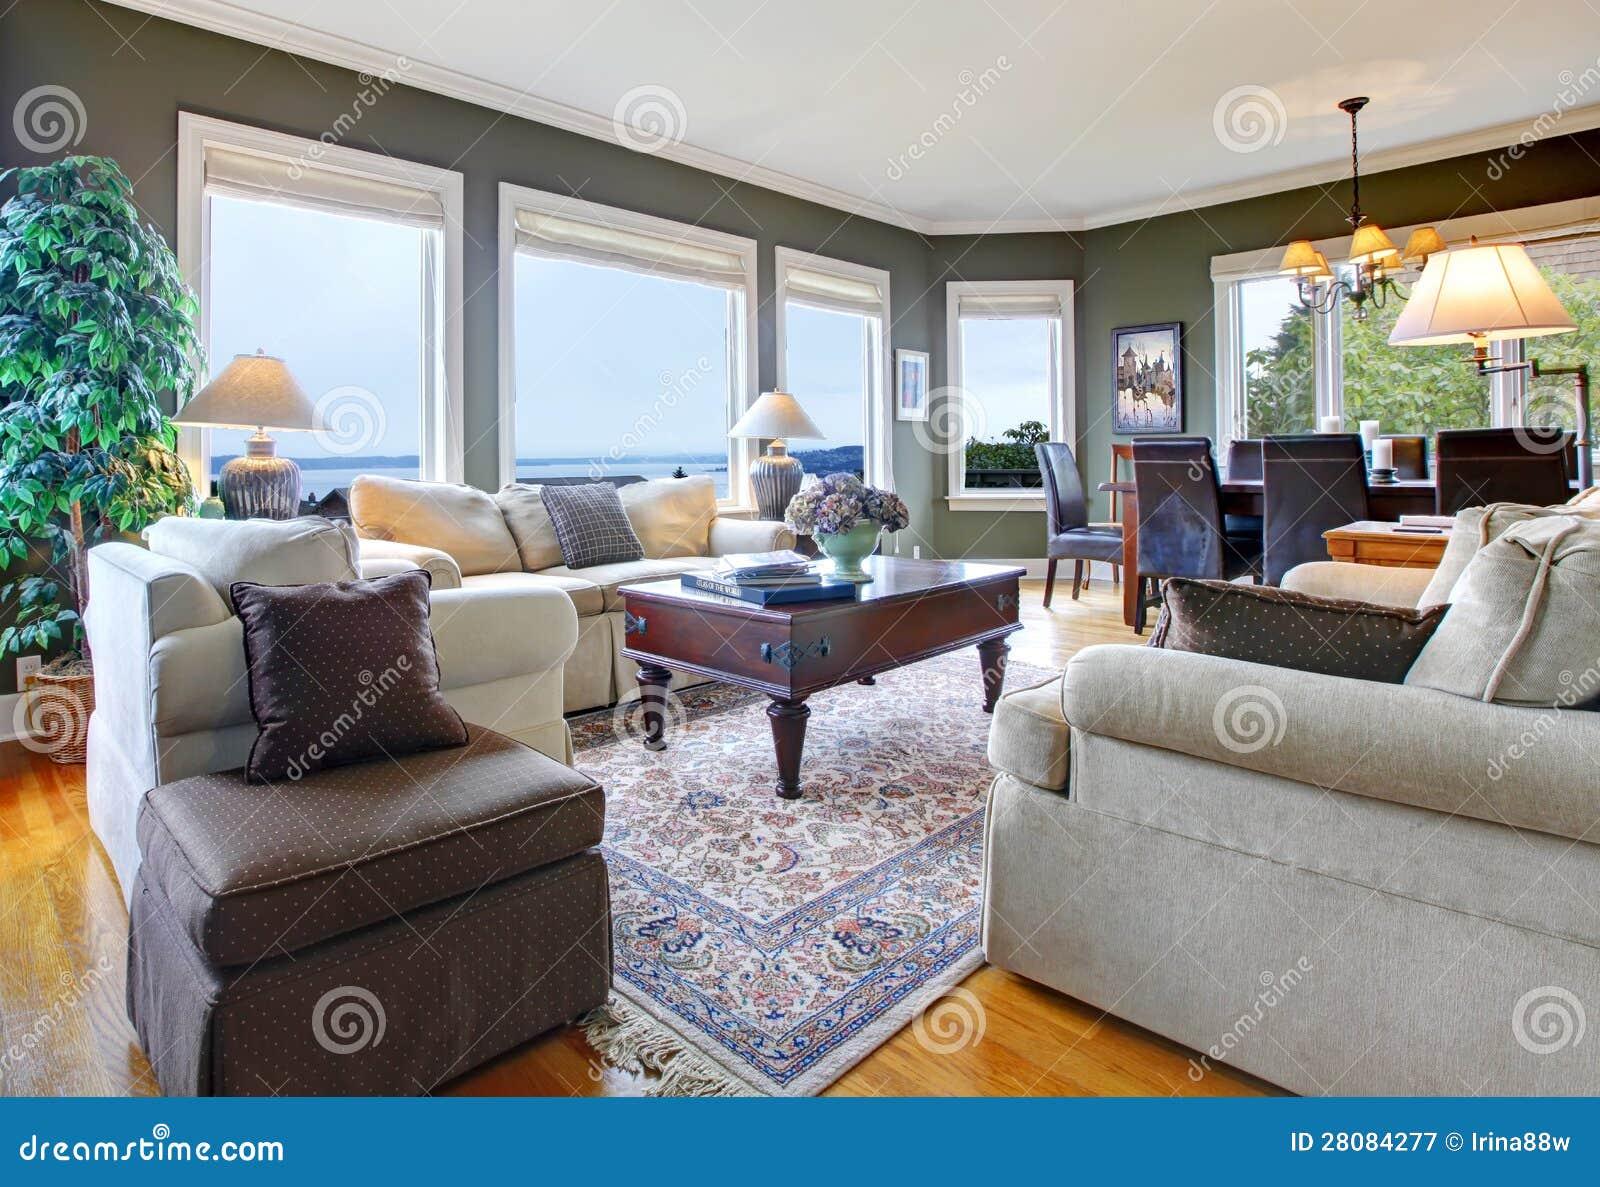 Salon Vert Classique Avec De Beaux Meubles Image Stock Image  # Salon Meuble En Vert